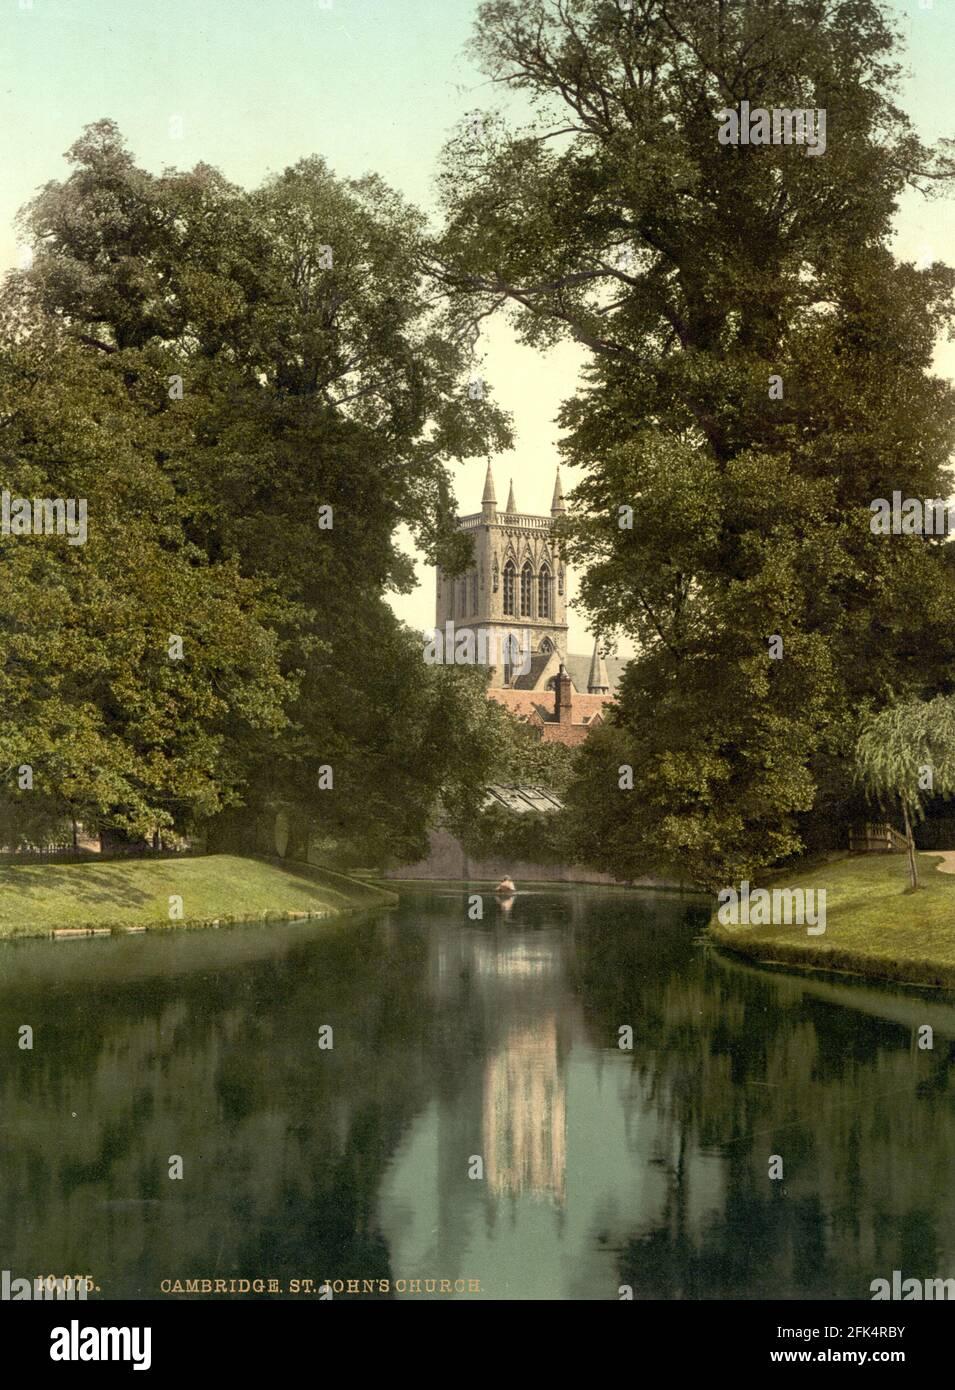 St John's College Church, Cambridge University, Cambridge vers 1890-1900 Banque D'Images